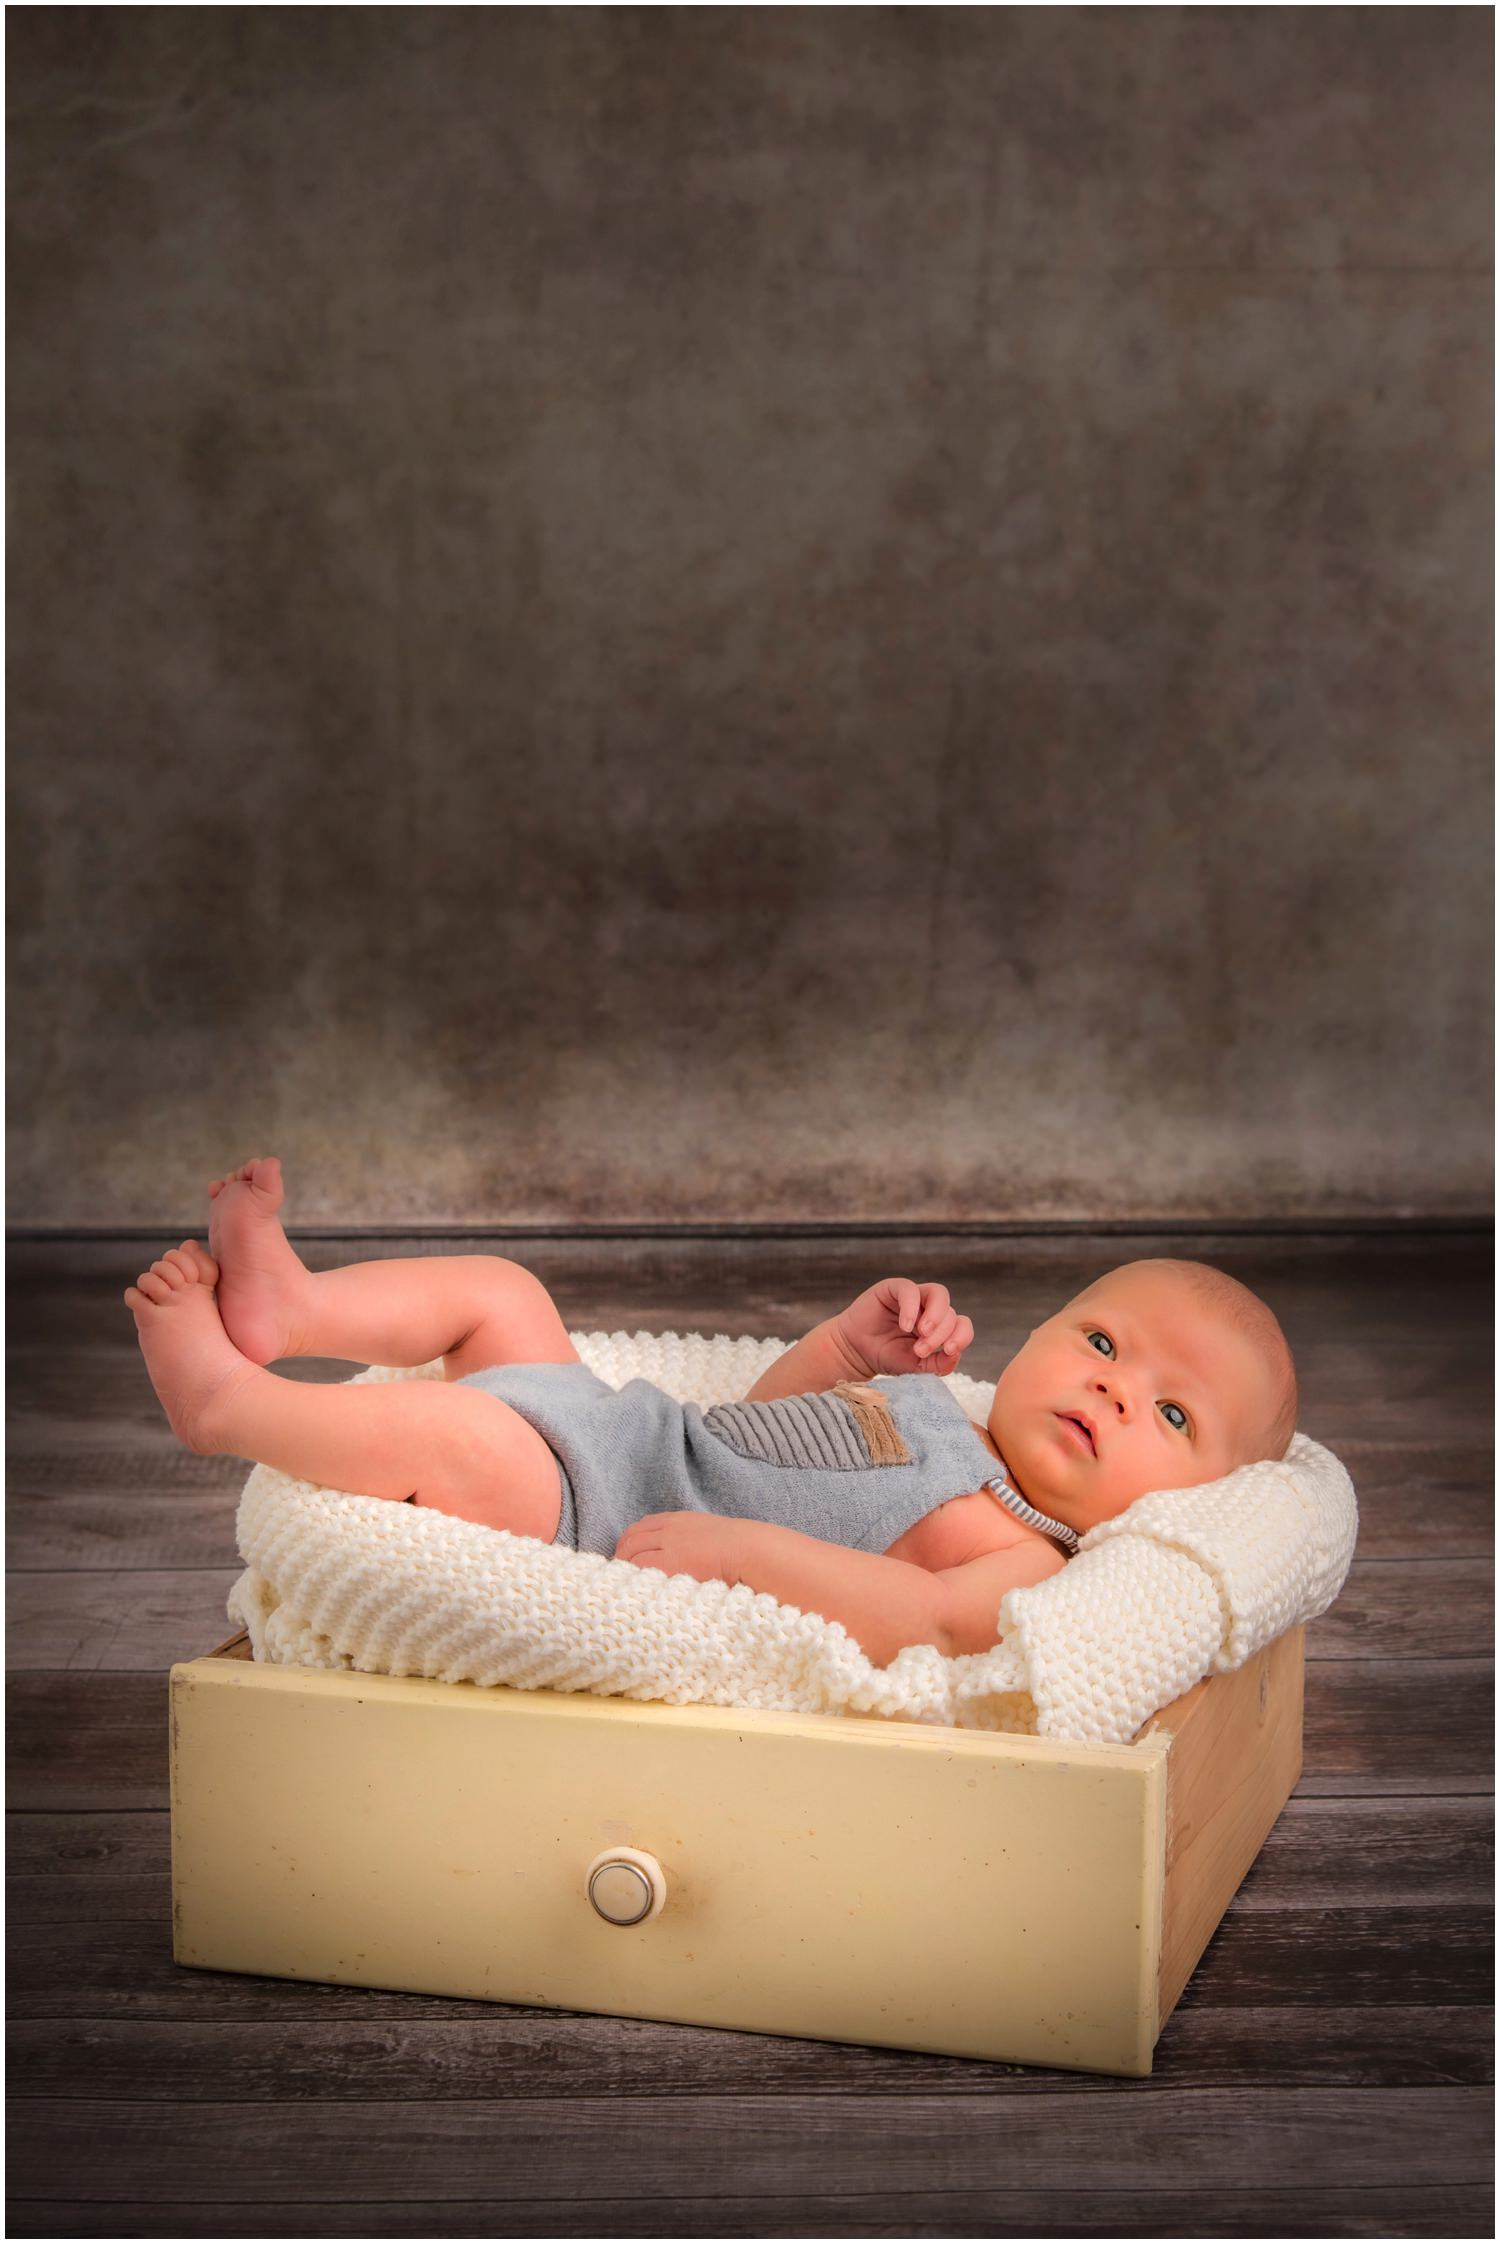 baby-fotografie-karlsruhe-monja-kantenwein